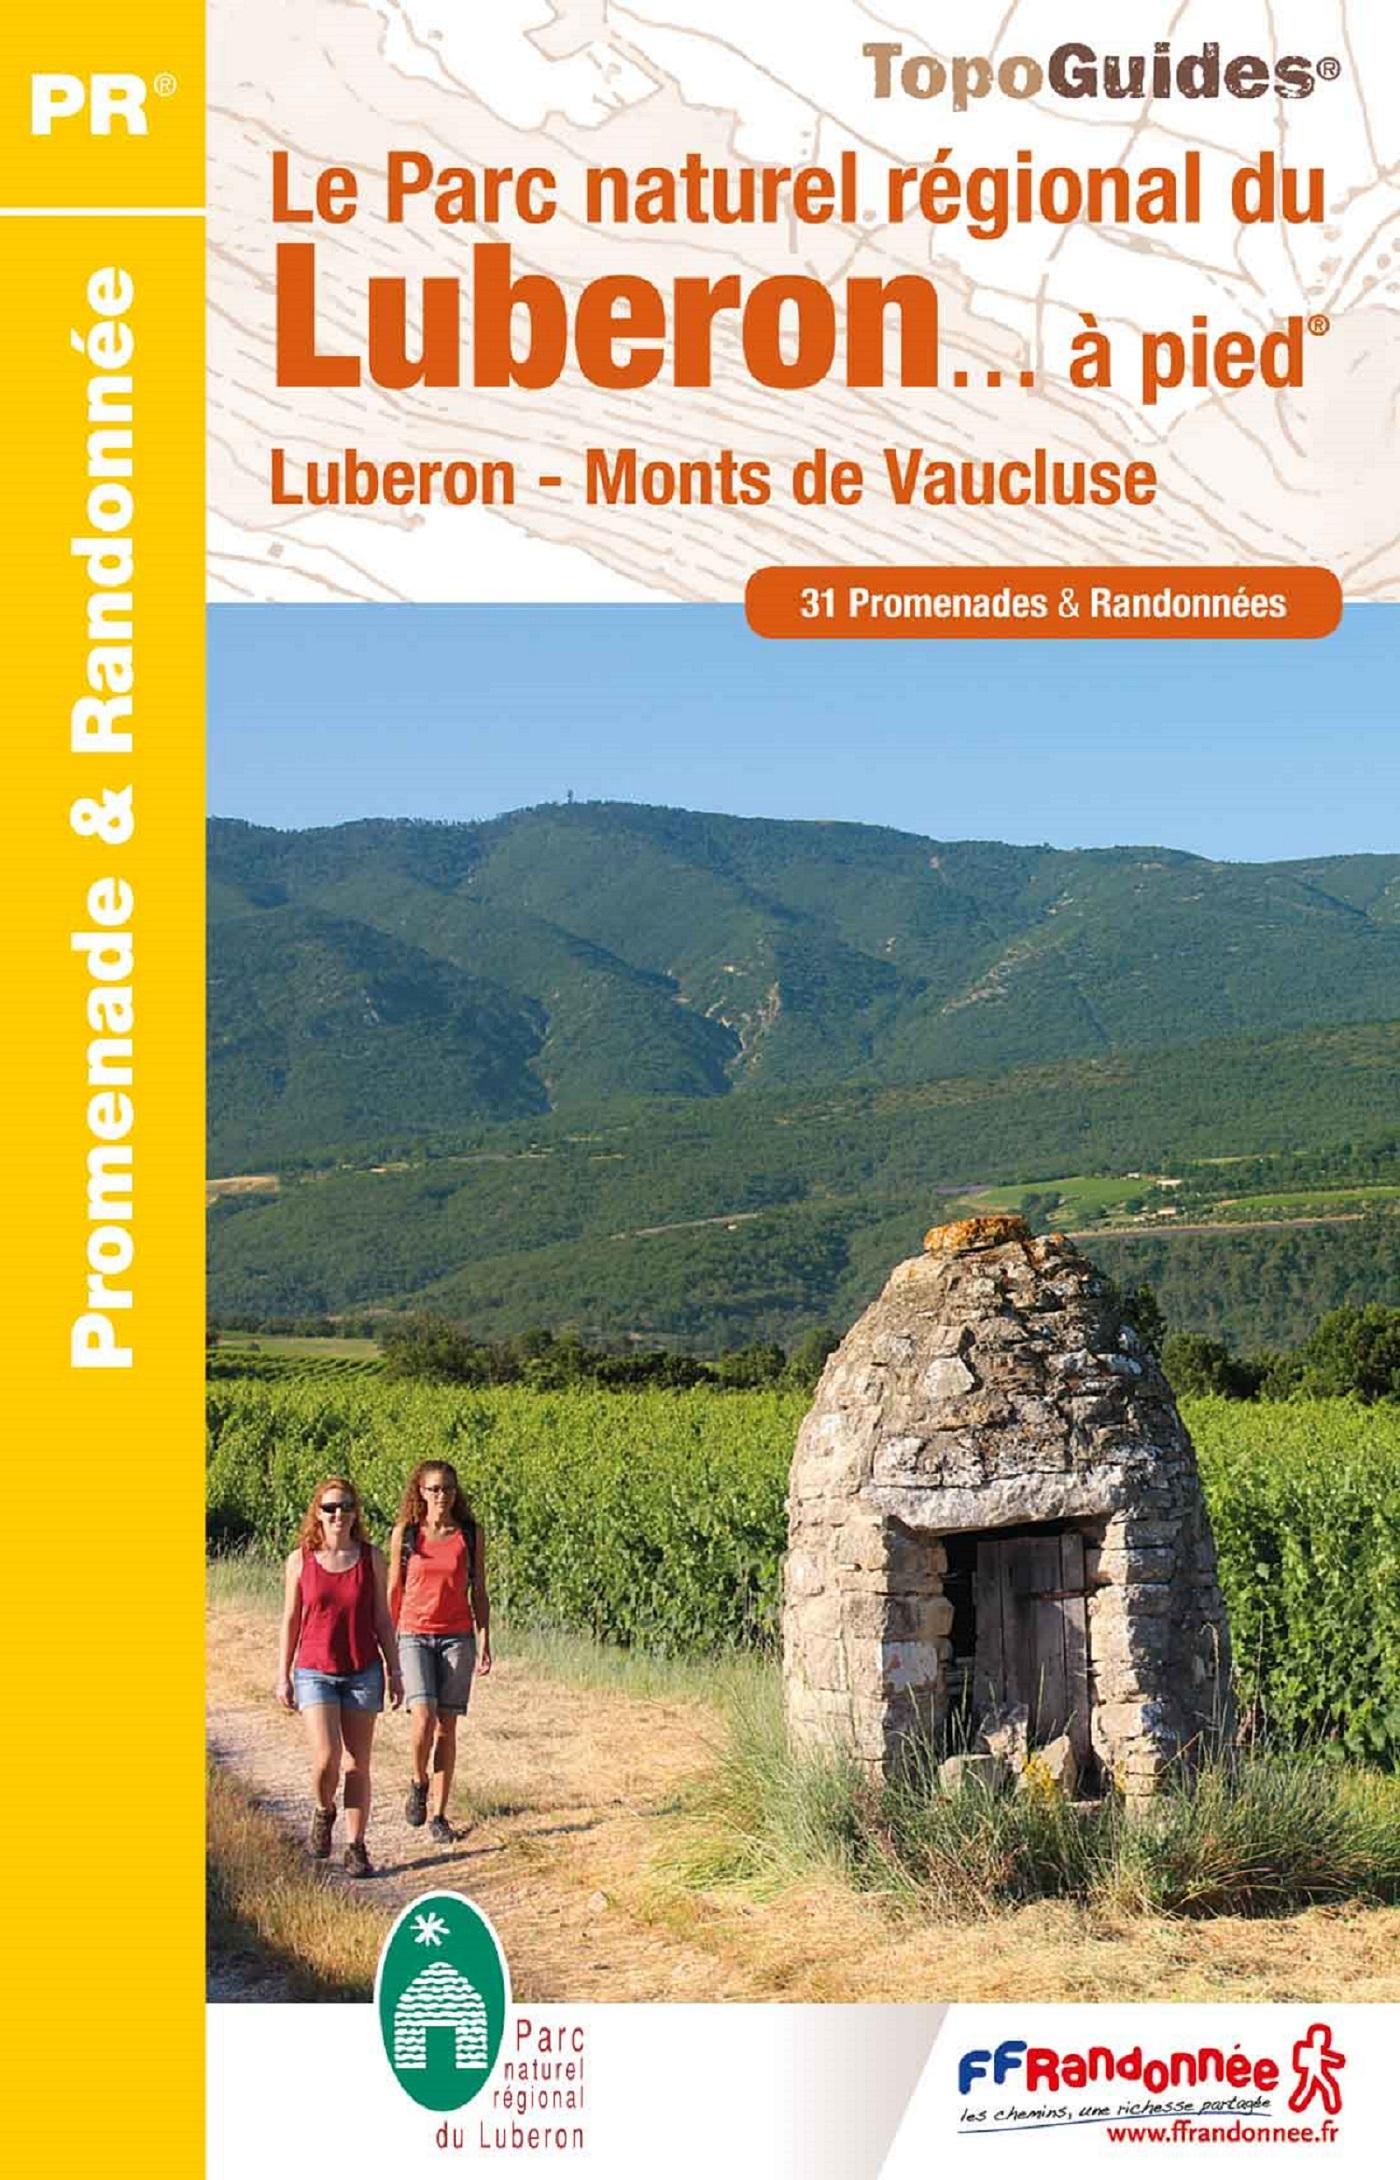 LE PARC NATUREL REGIONAL DU LUBERON A PIED - LUBERON - MONTS DE VAUCLUSE